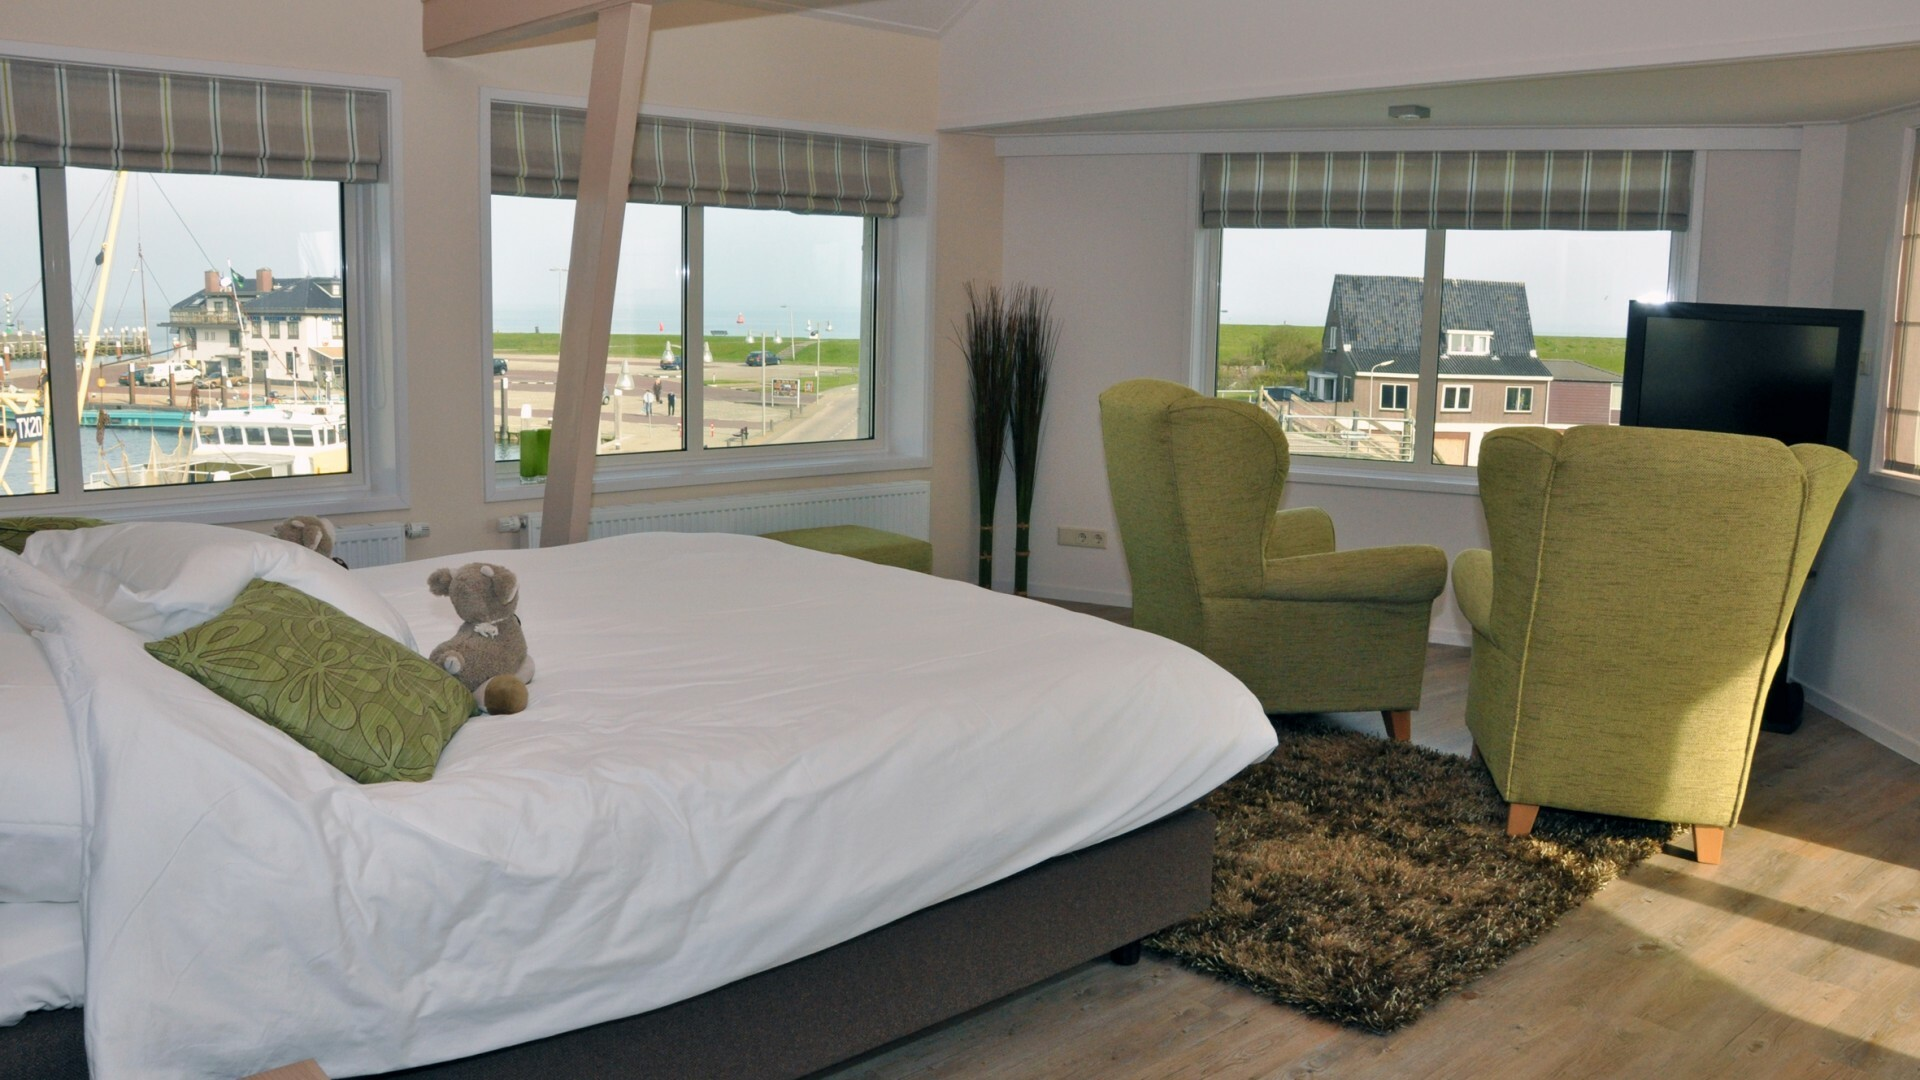 Slaapkamer De Schapenboet bij hotel Havenzicht VVV Texel